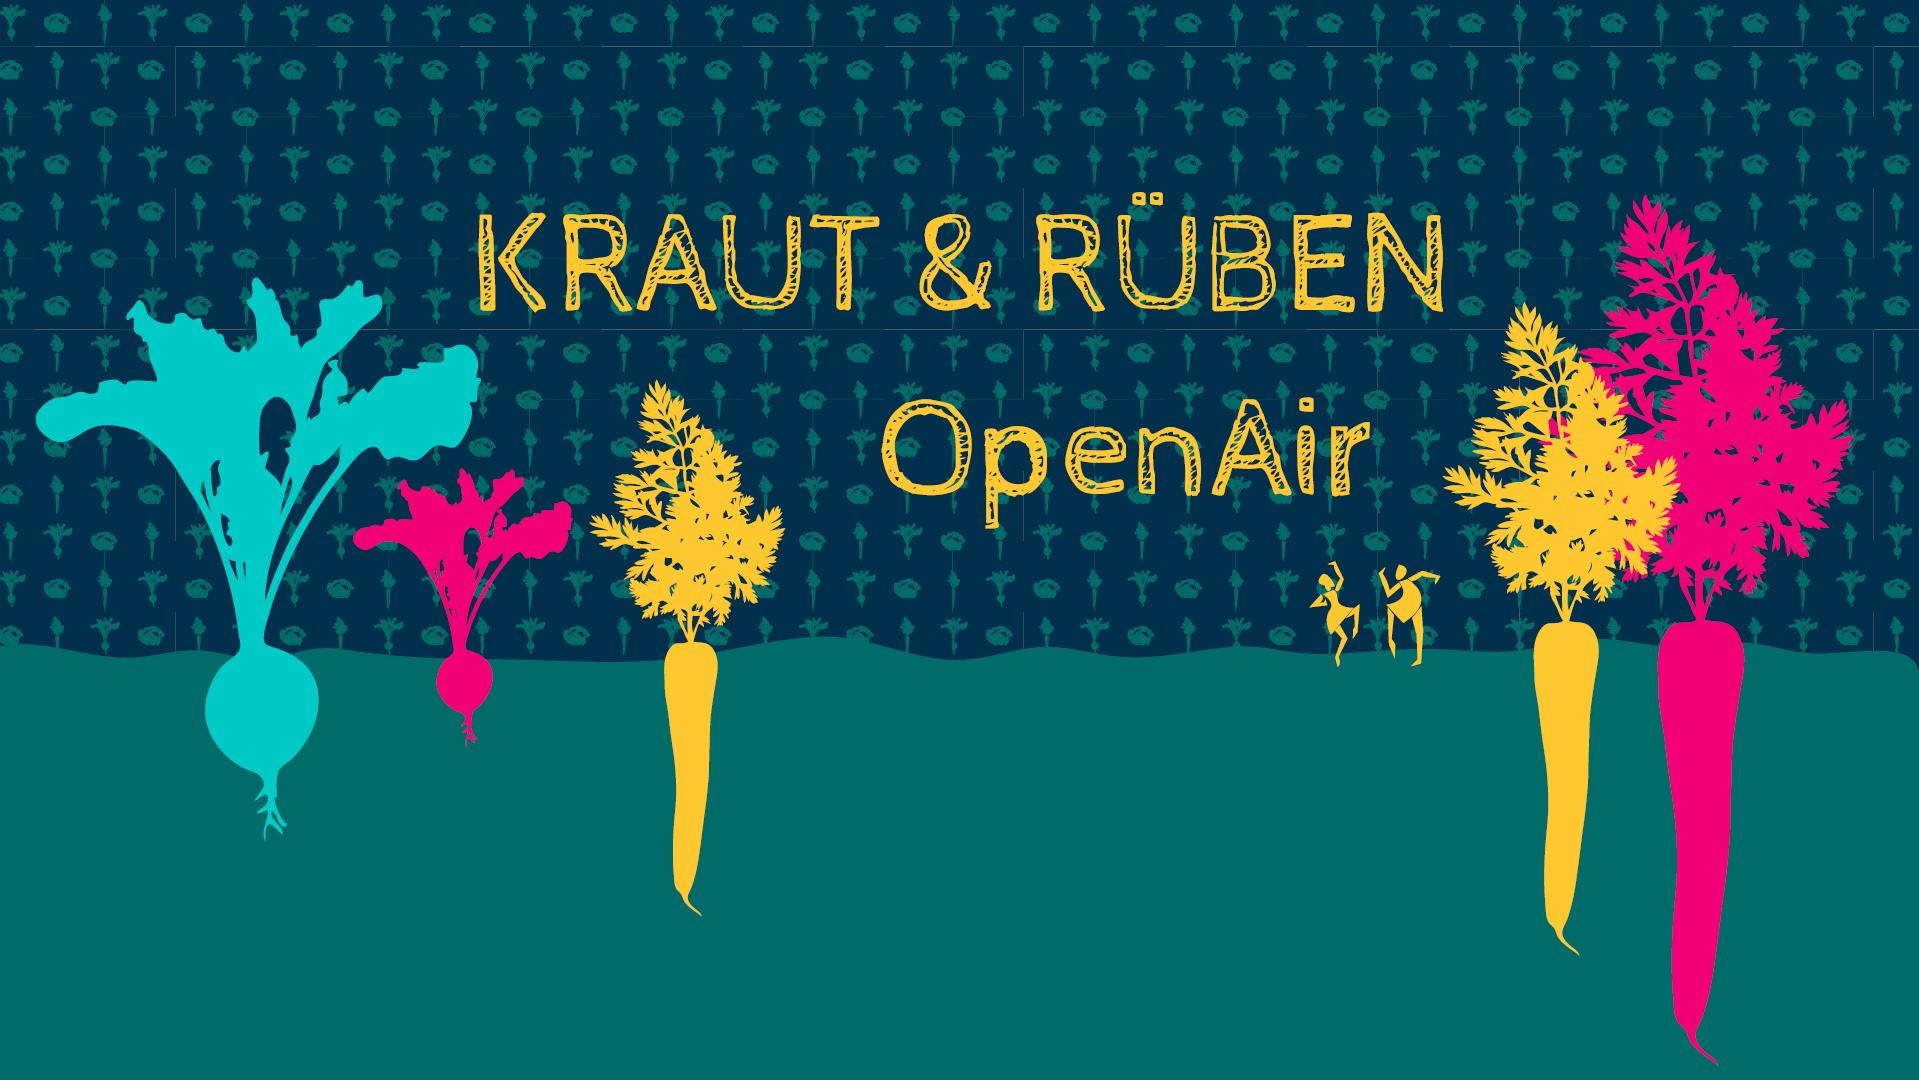 Kraut & Rüben OpenAir // Aftershow - Glashaus e.V.